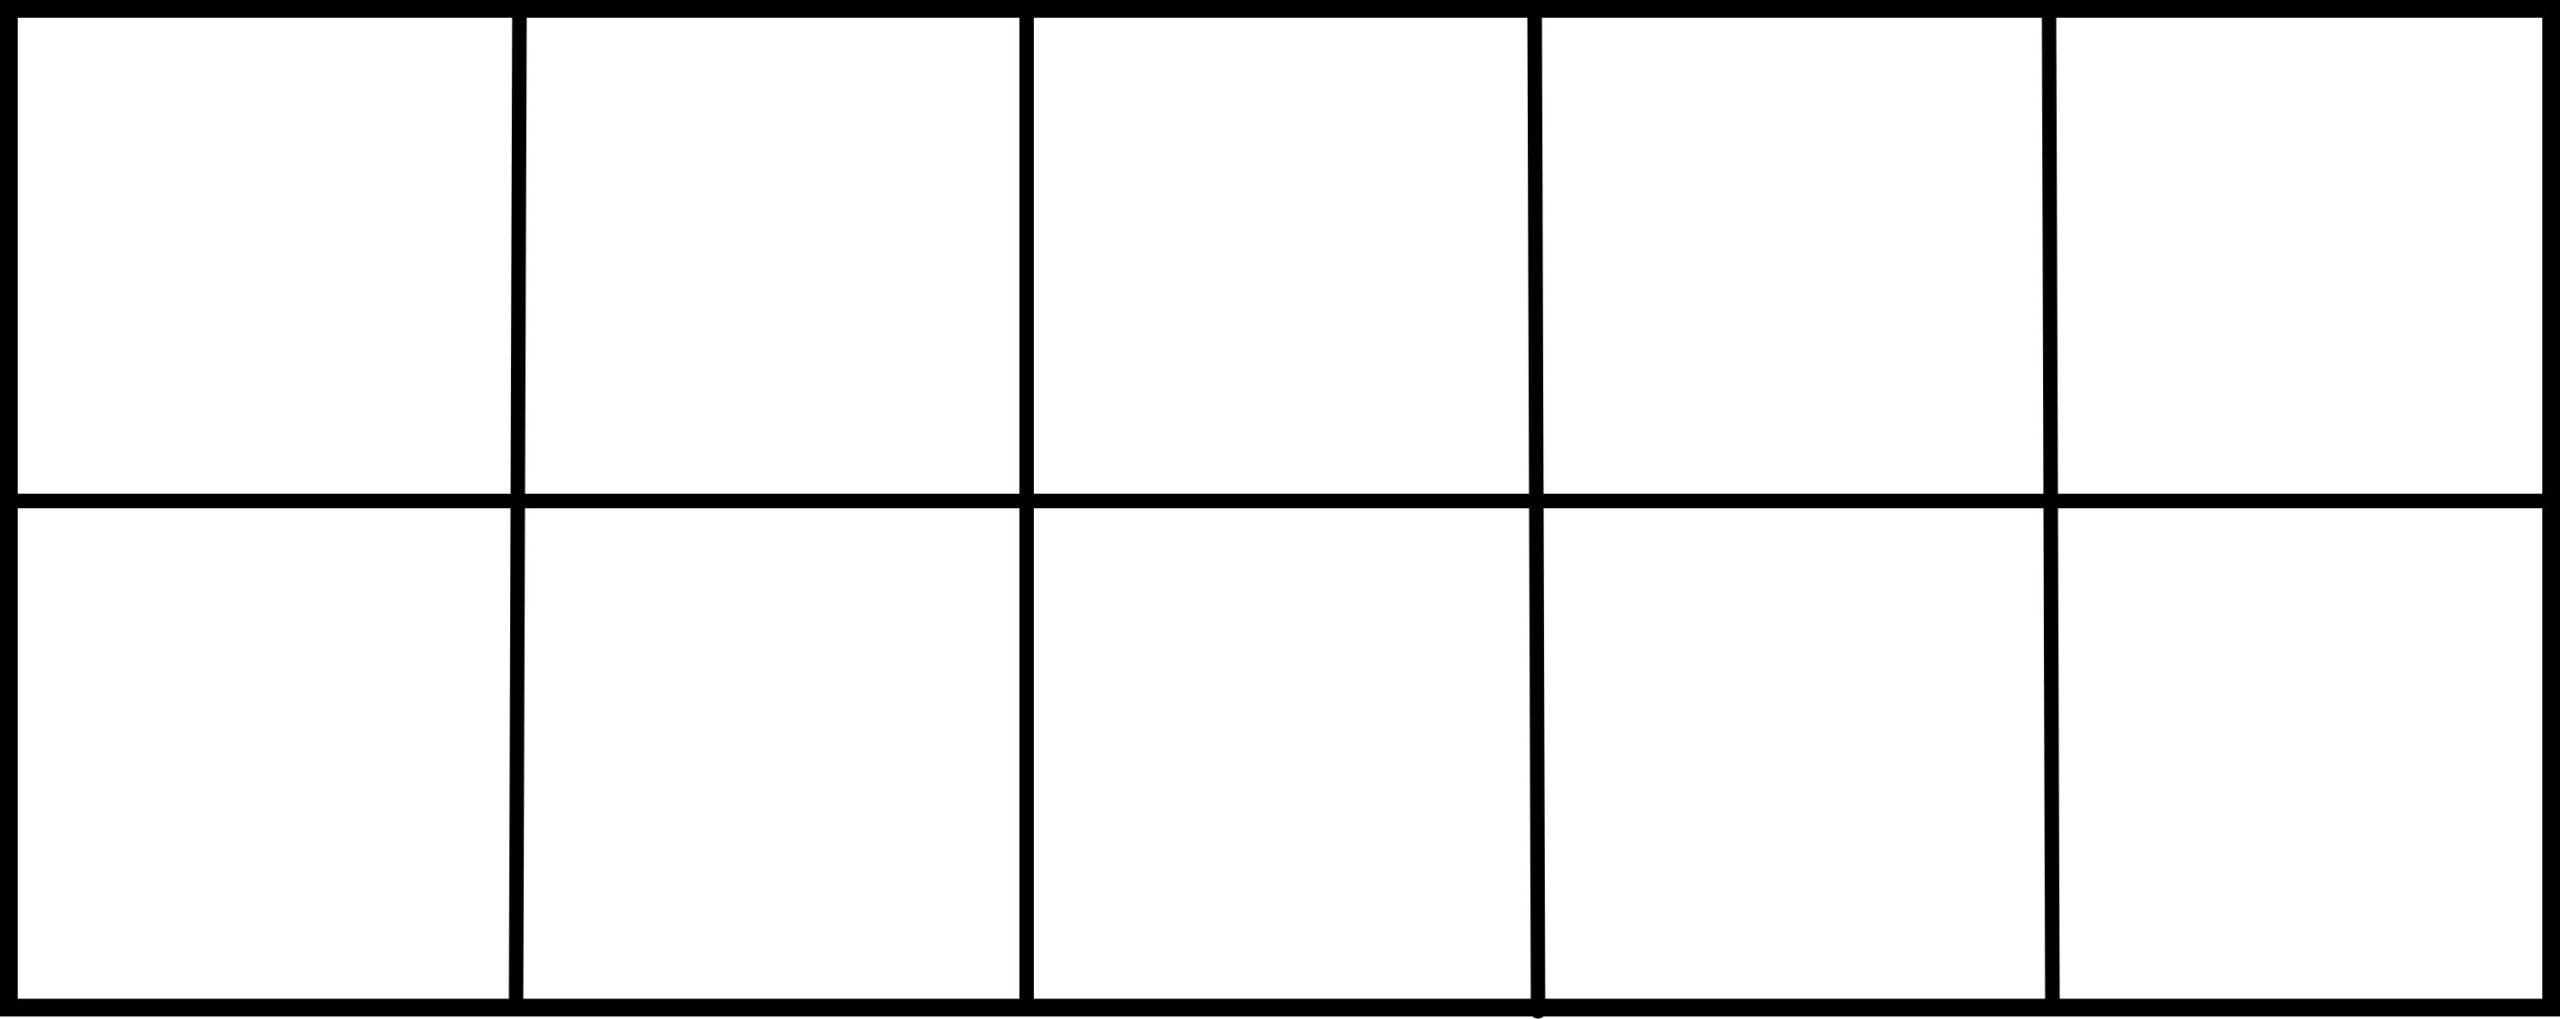 Free Printable Blank Ten Frame Worksheets 5 Letter